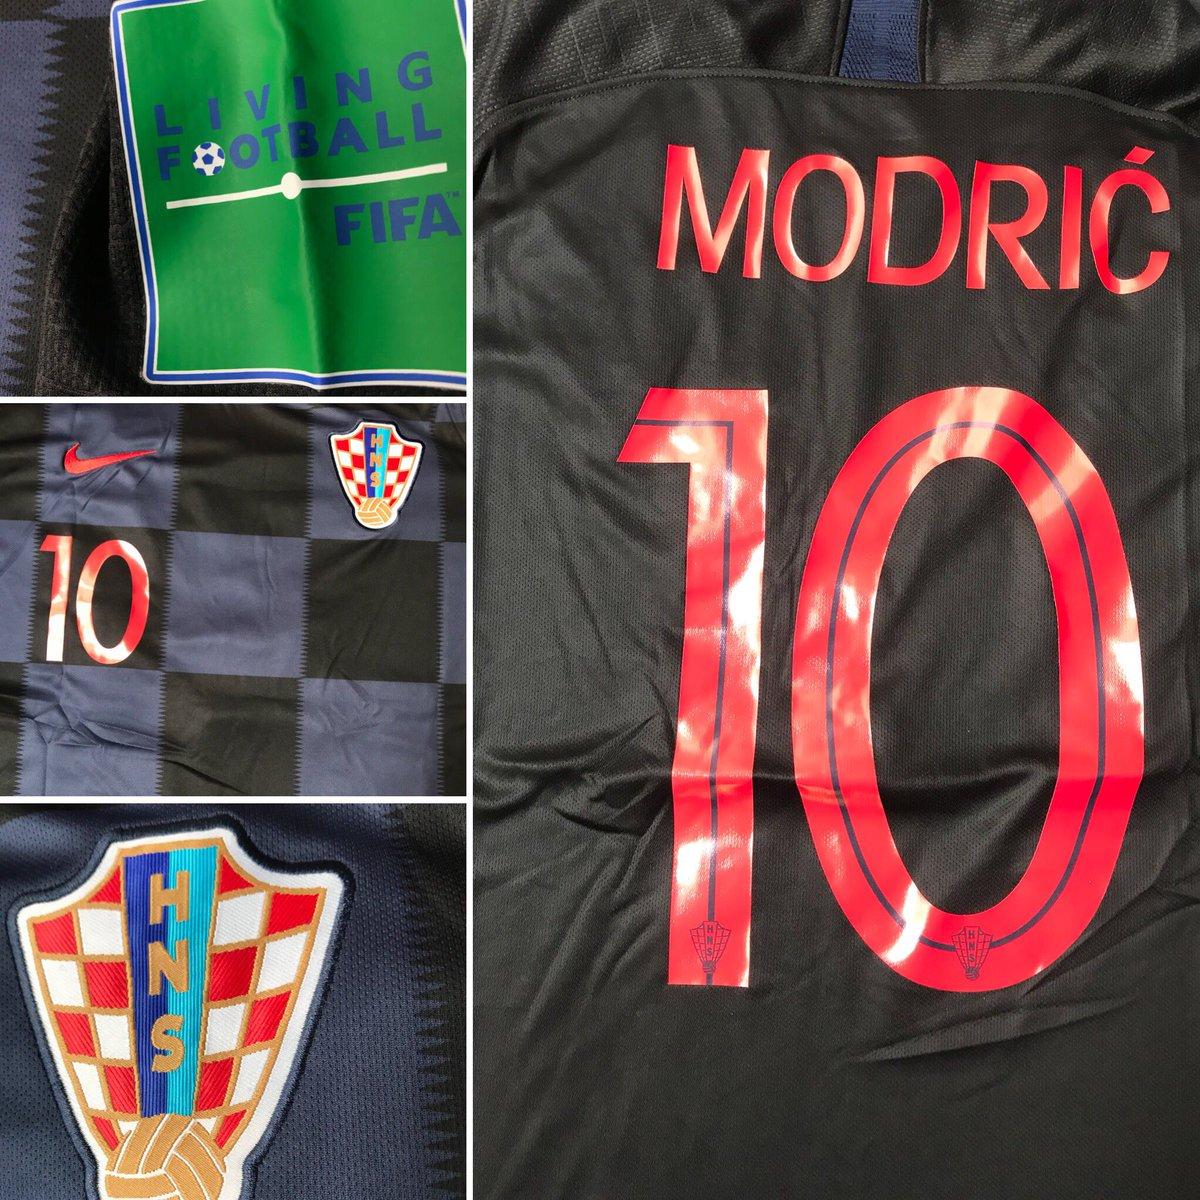 Sigue a @tdmas_cr, dale RT a la imagen y participa por la camisa de Modrić, sorteo esta noche